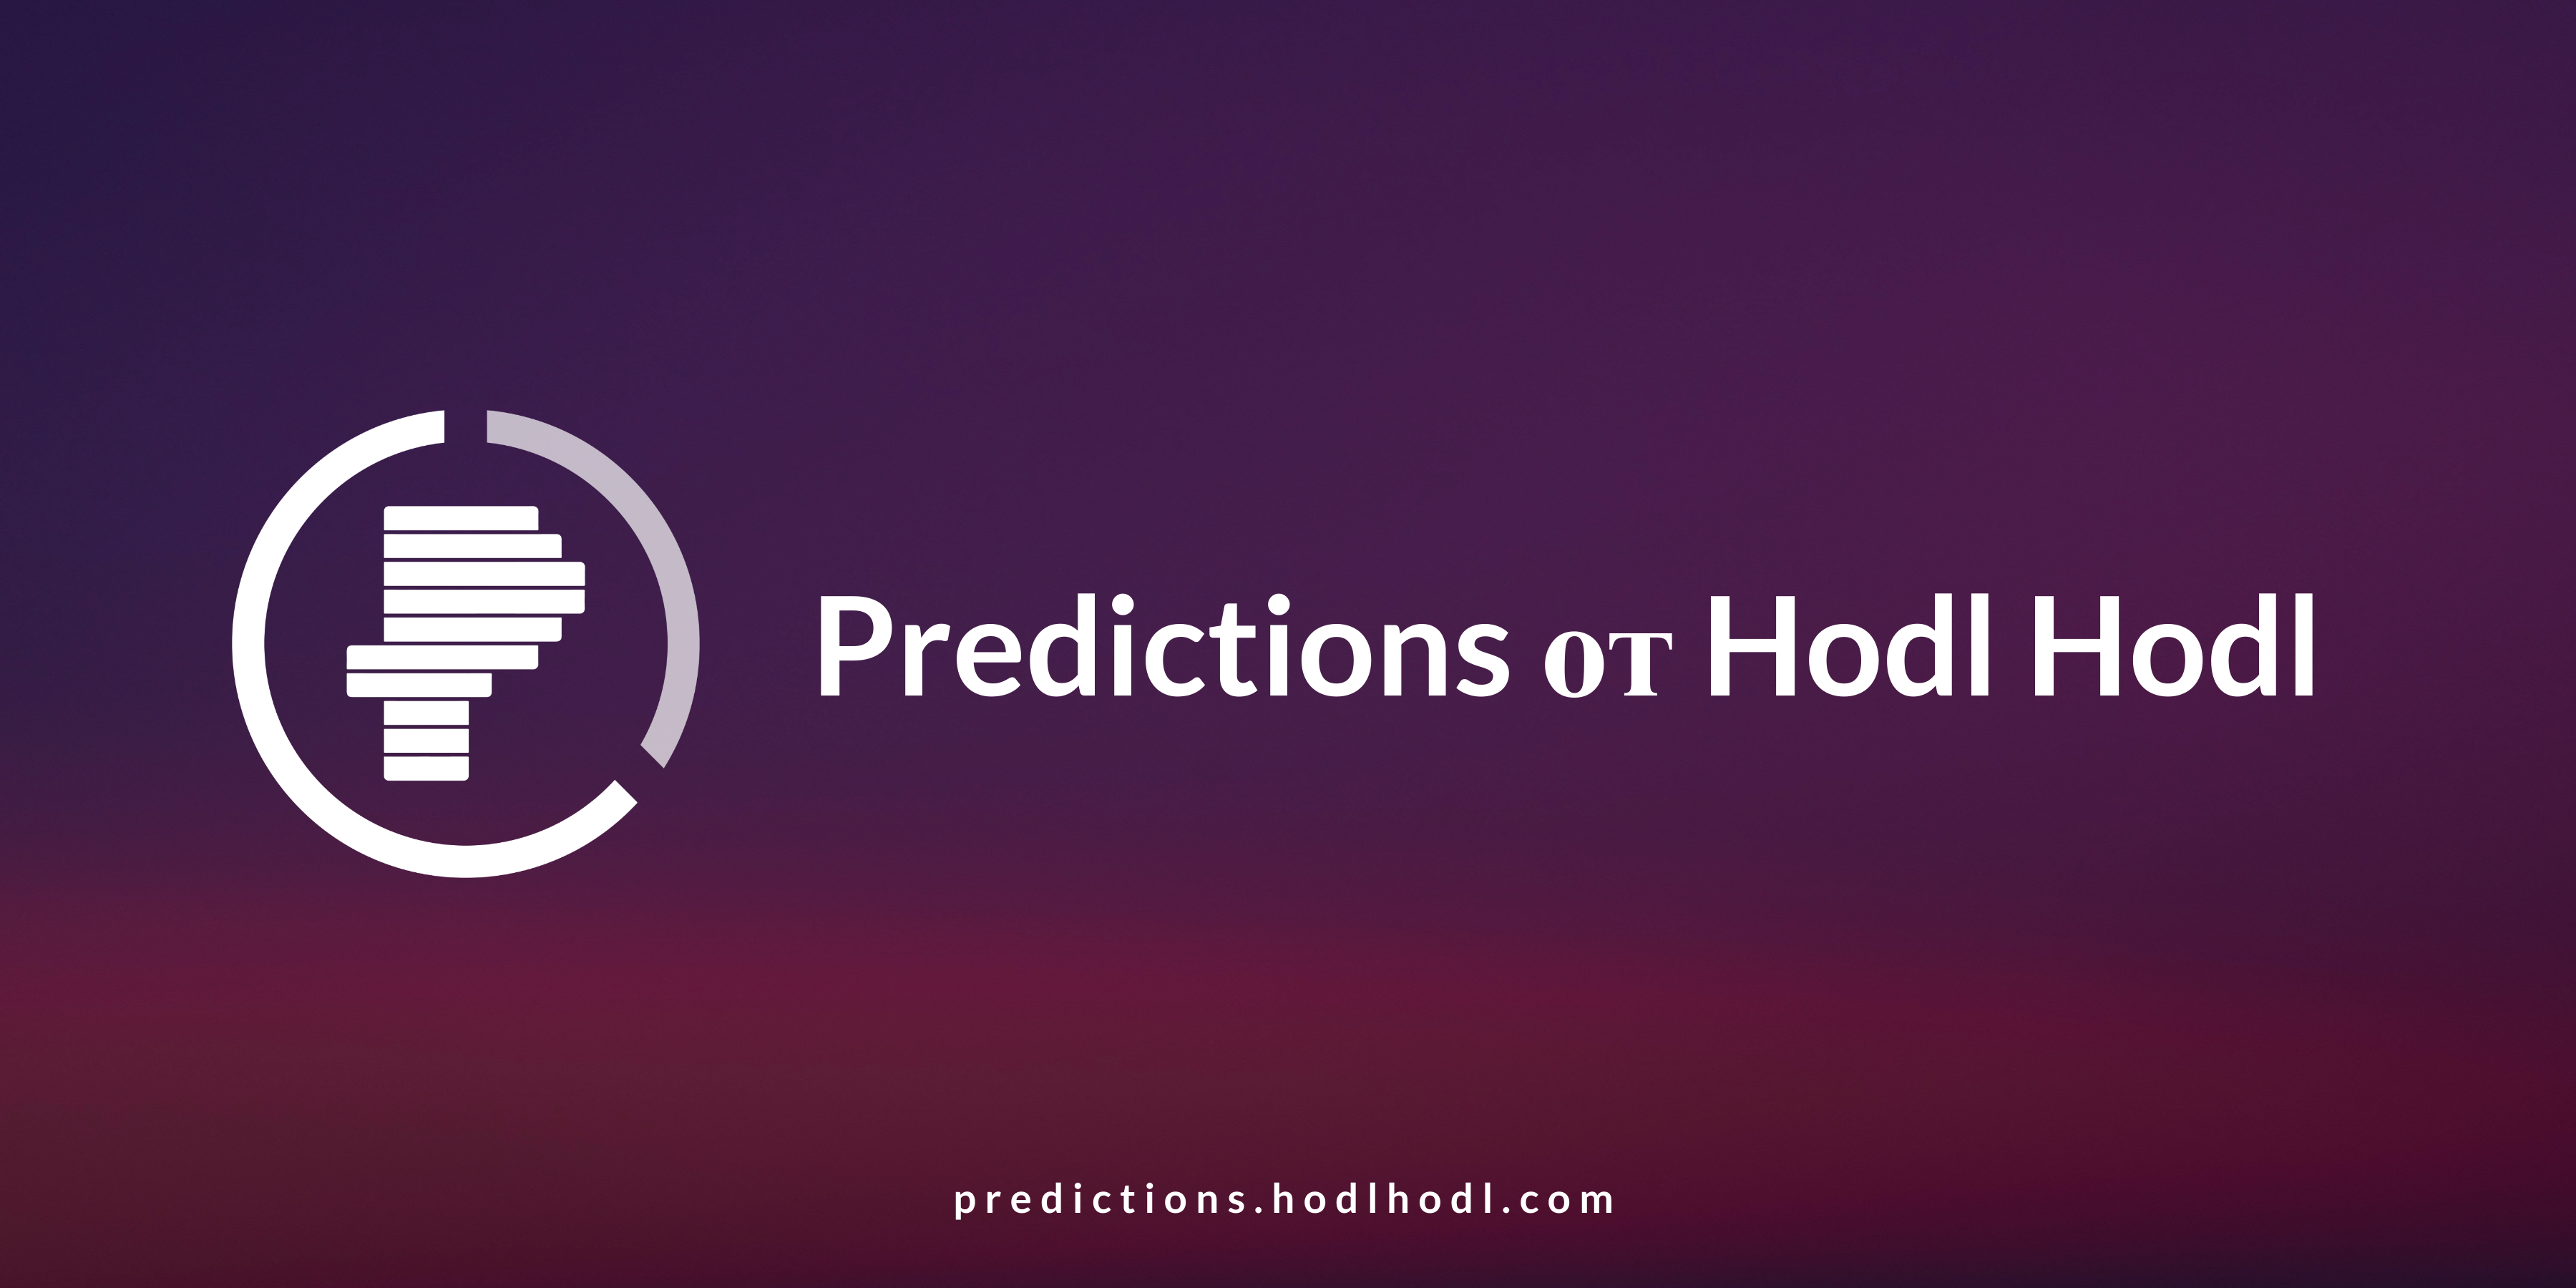 Predskazaniya Predictions Ot Hodl Hodl V 2020 G S Izobrazheniyami Vozobnovlyaemye Istochniki Energii Platforma